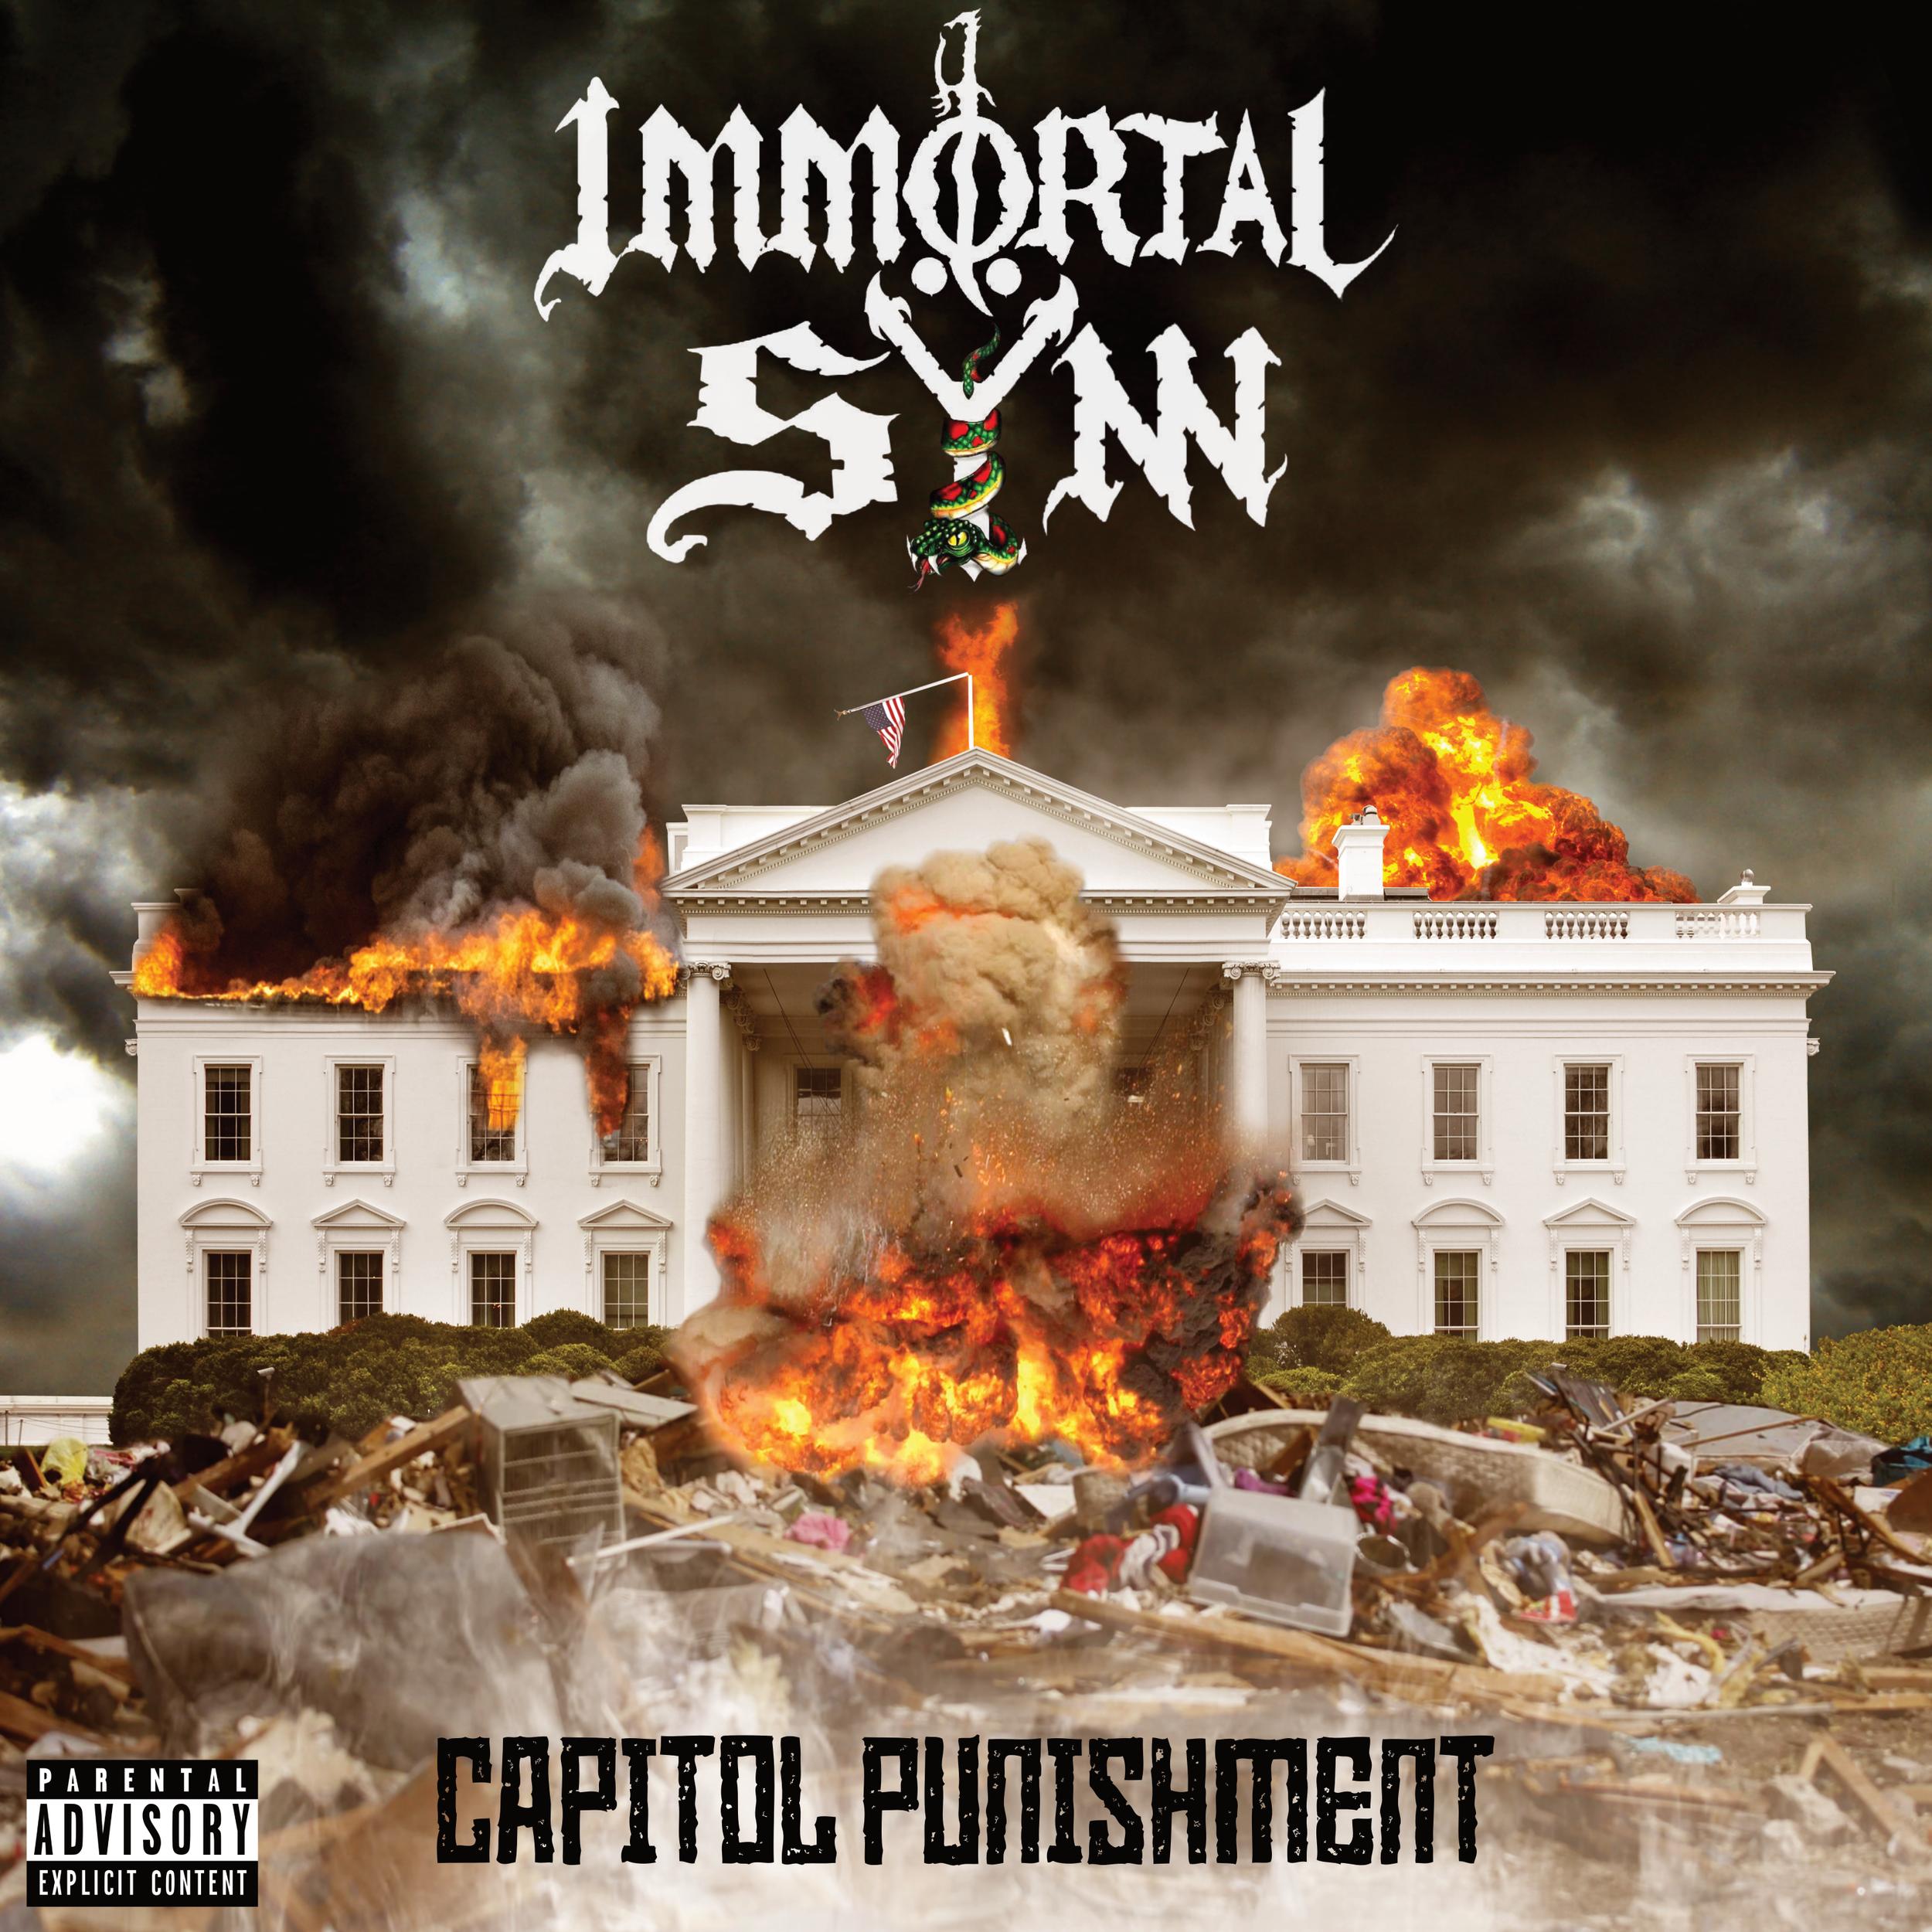 Capitol Punishment (EP) - Spring 2019